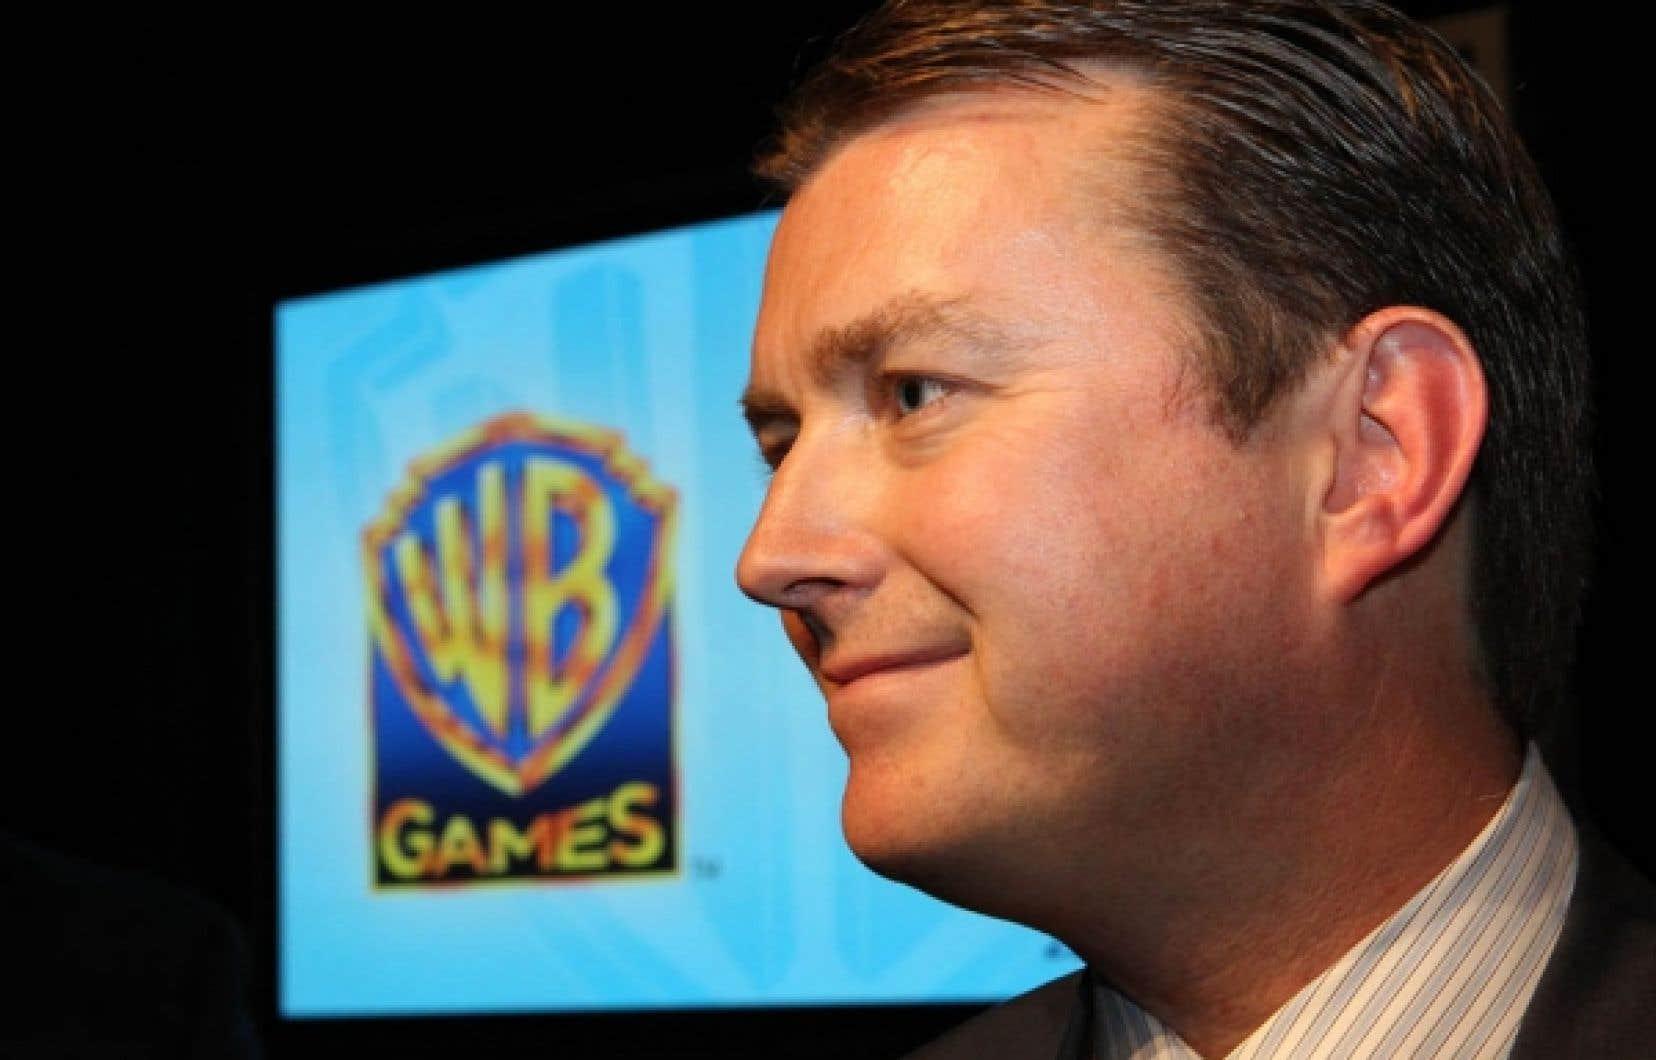 Warner Bros. choisira son emplacement à Montréal d'ici juin ou juillet, a indiqué le président de la division Interactive Entertainment de la compagnie, le Québécois Martin Tremblay.